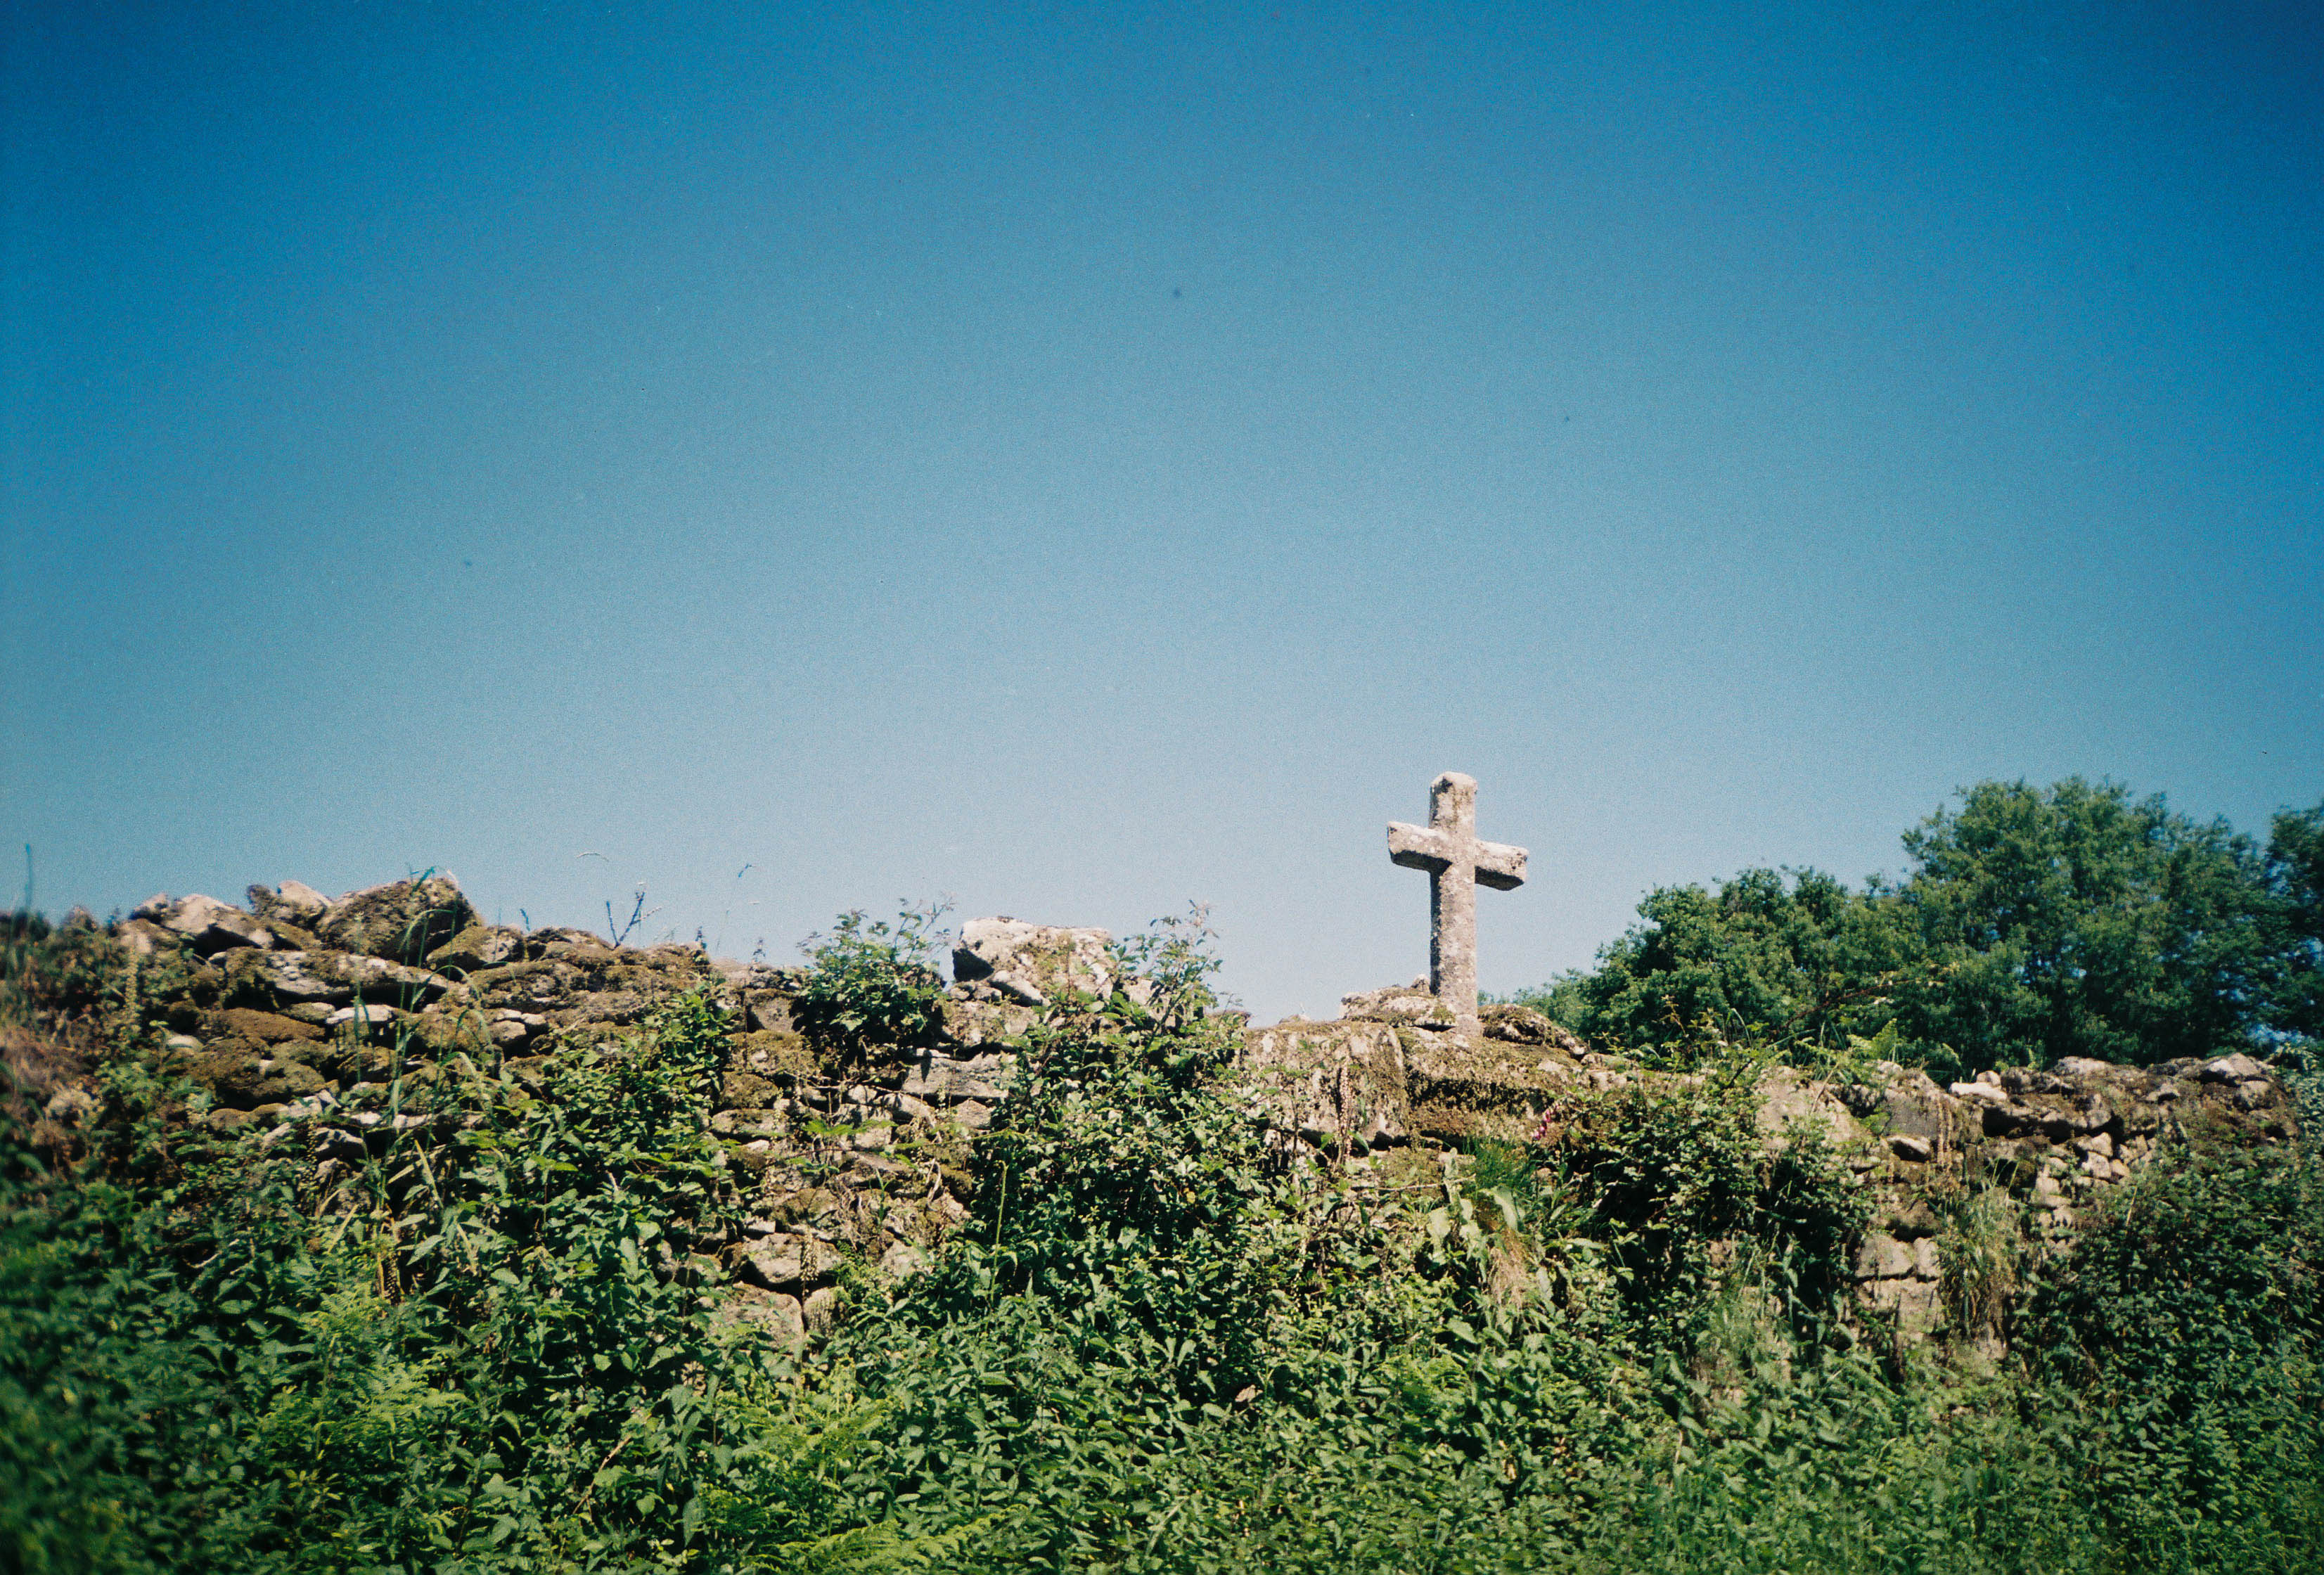 http://lafilladelfotografu.irenavisa.com/files/gimgs/97_f1000003-1.jpg